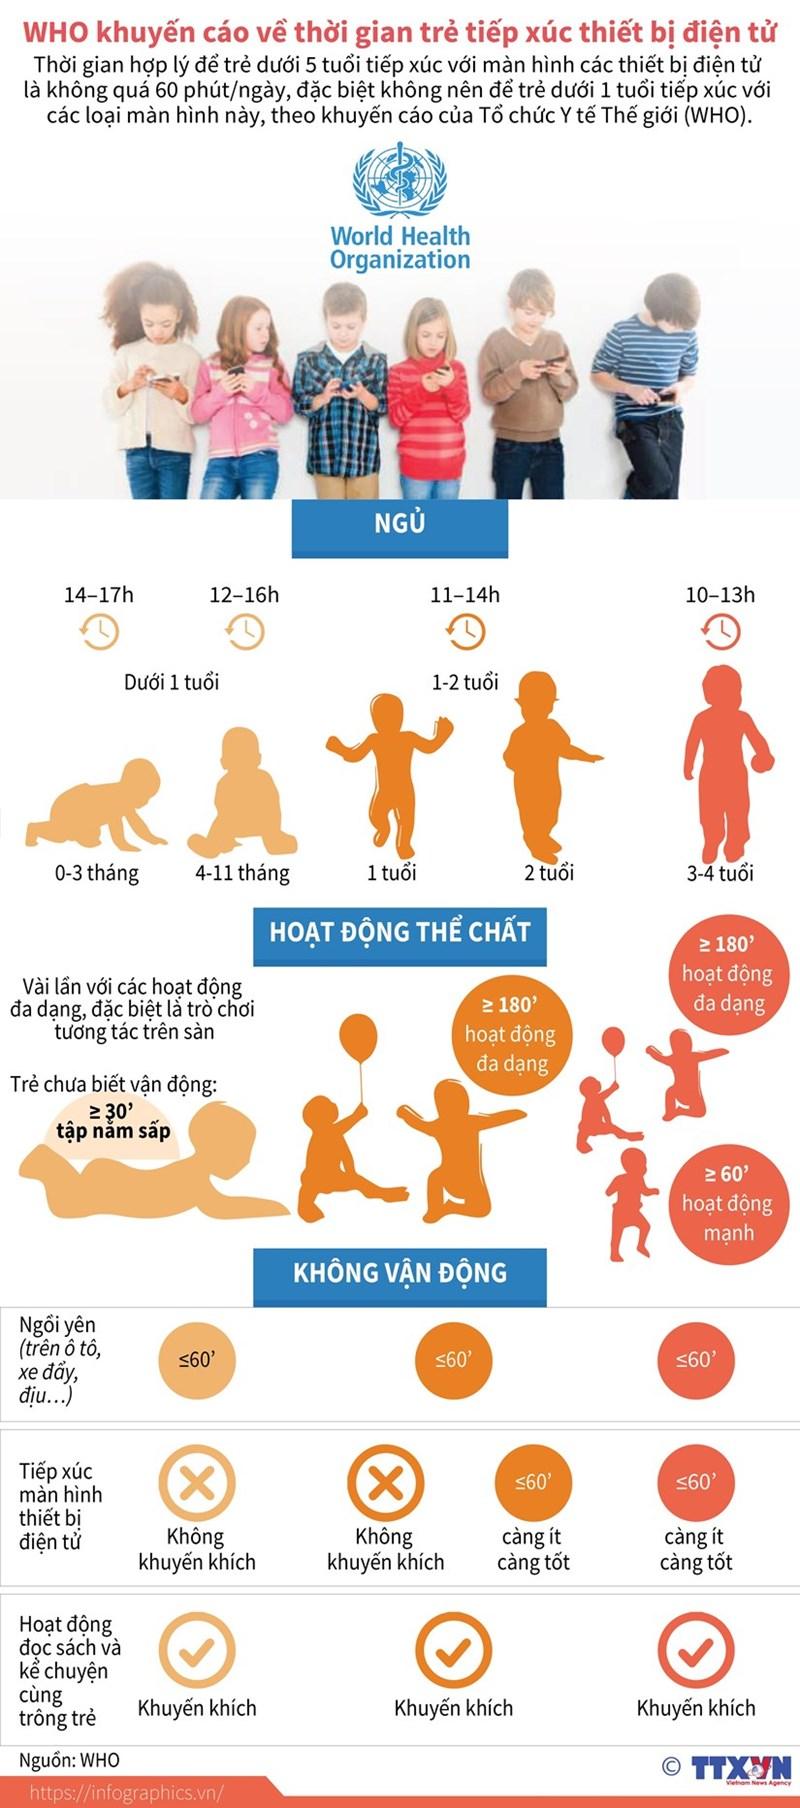 [Infographics] Trẻ dưới 1 tuổi không nên tiếp xúc với thiết bị điện tử - Ảnh 1